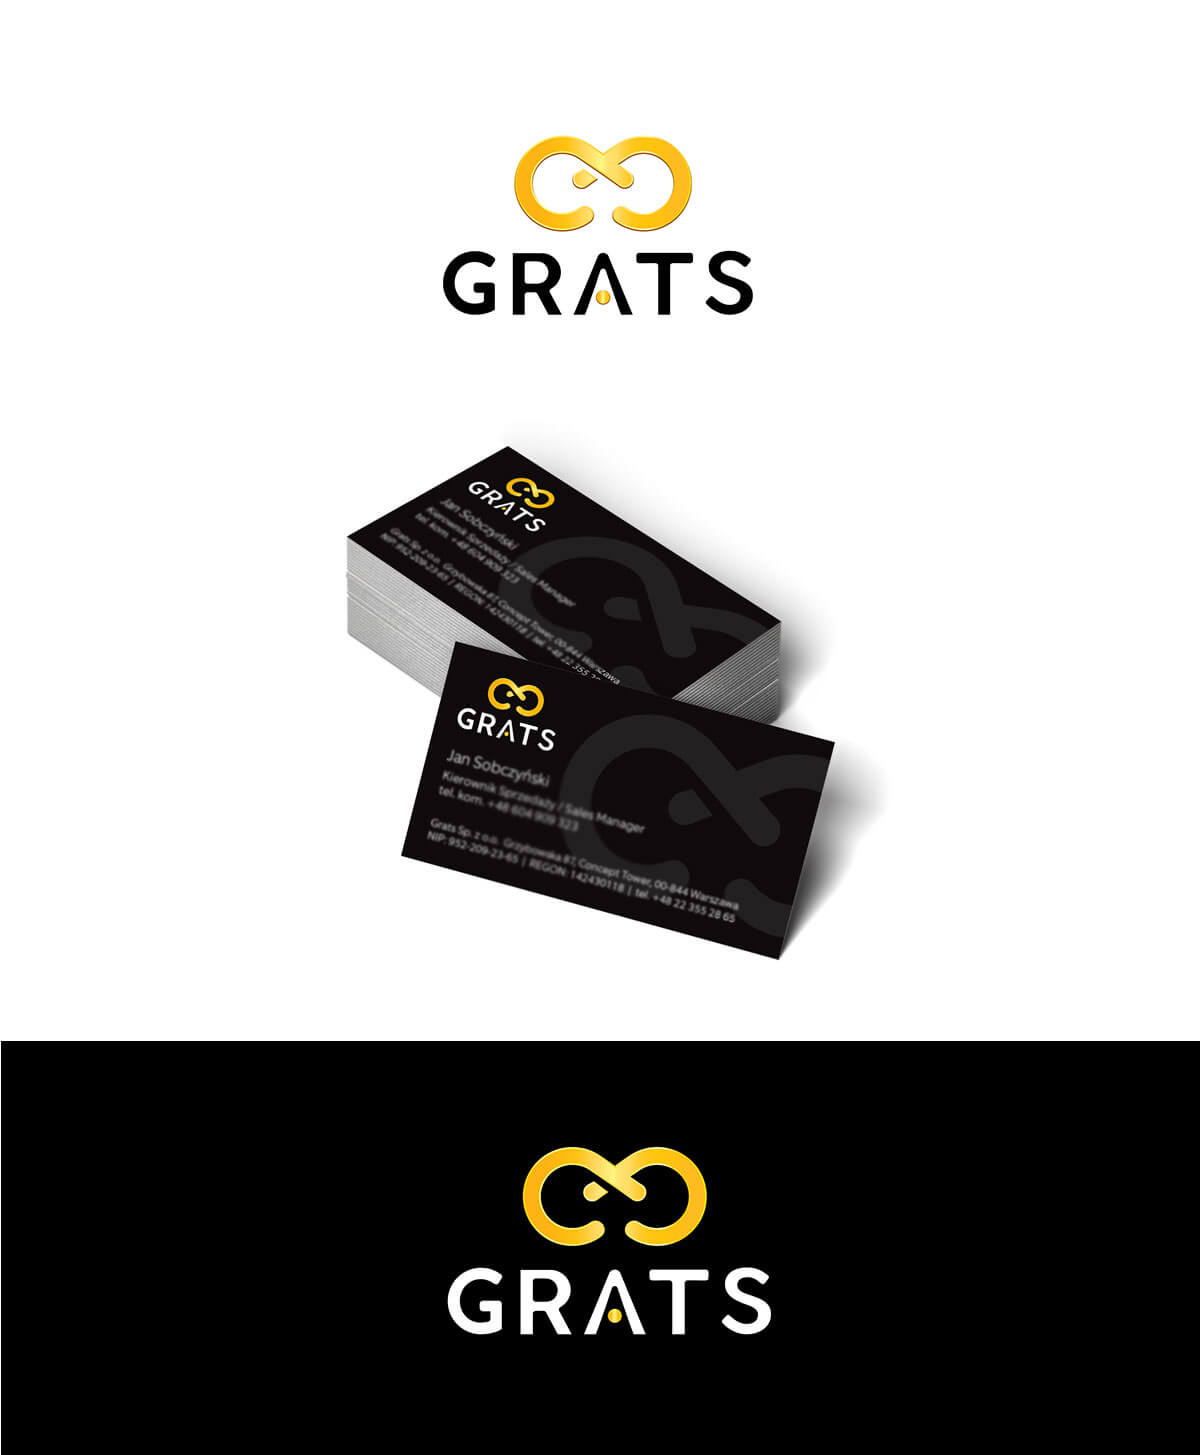 grats-logo